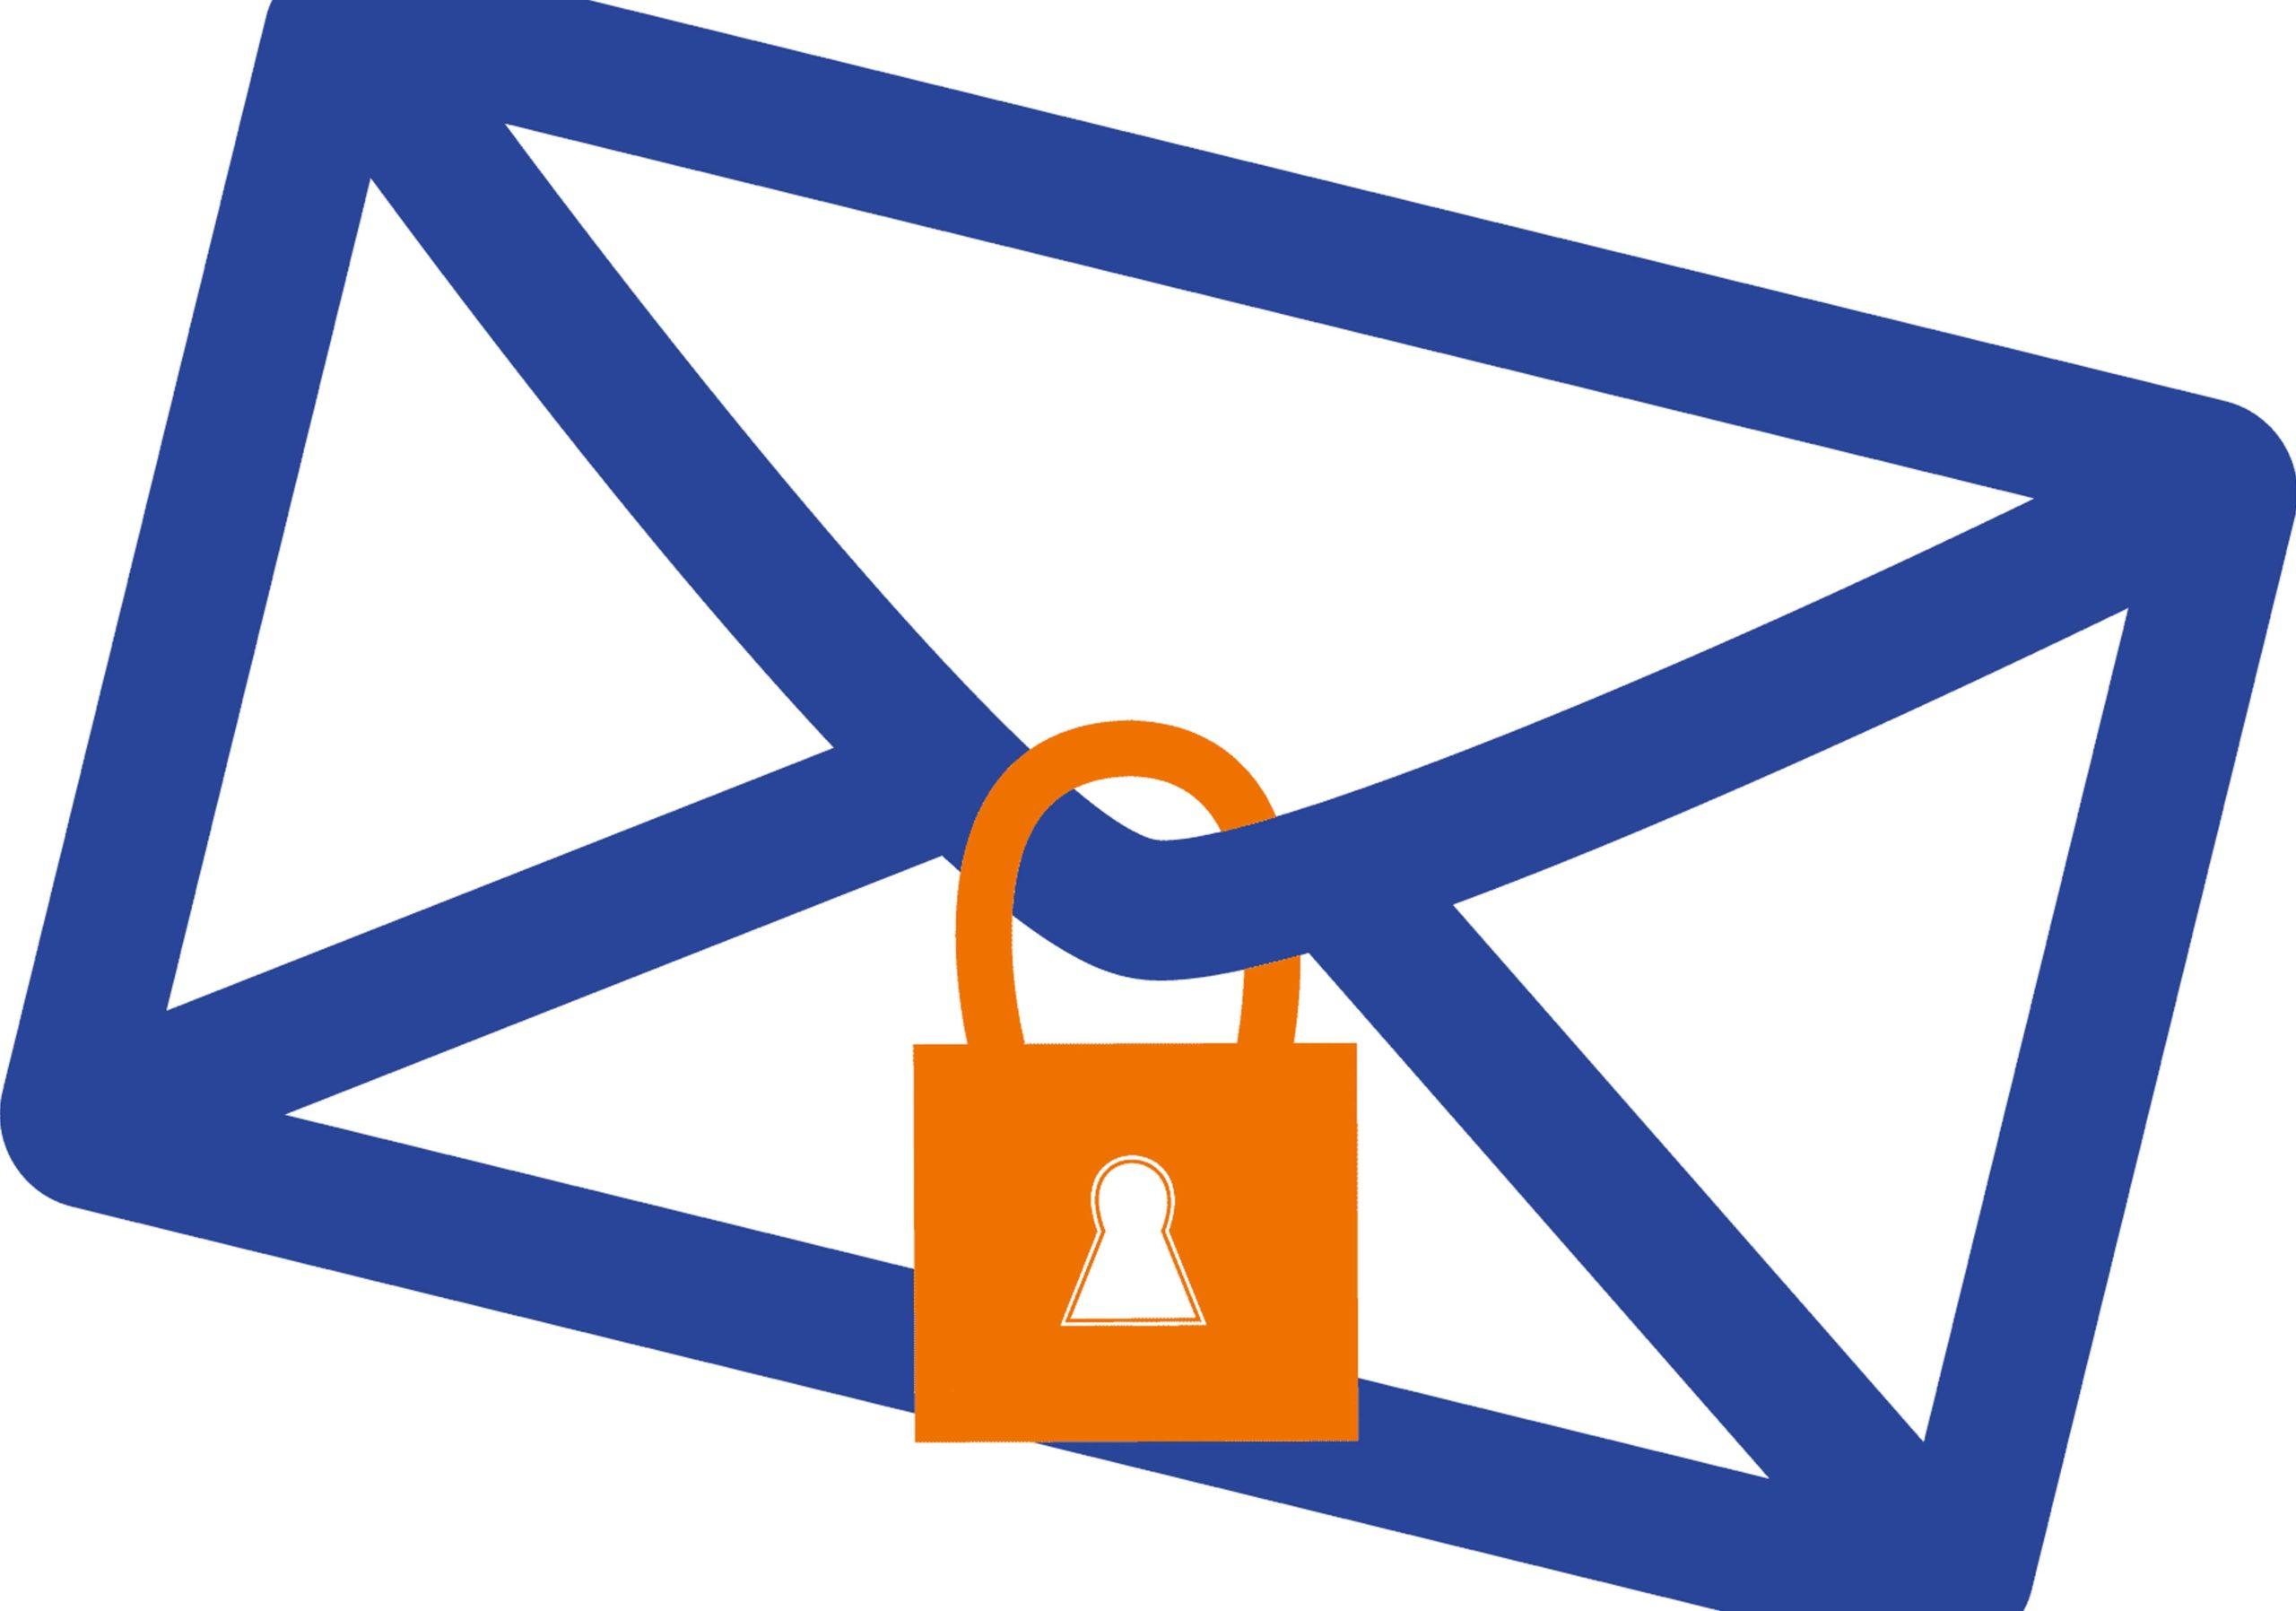 Aangetekend mailen, wel zo veilig